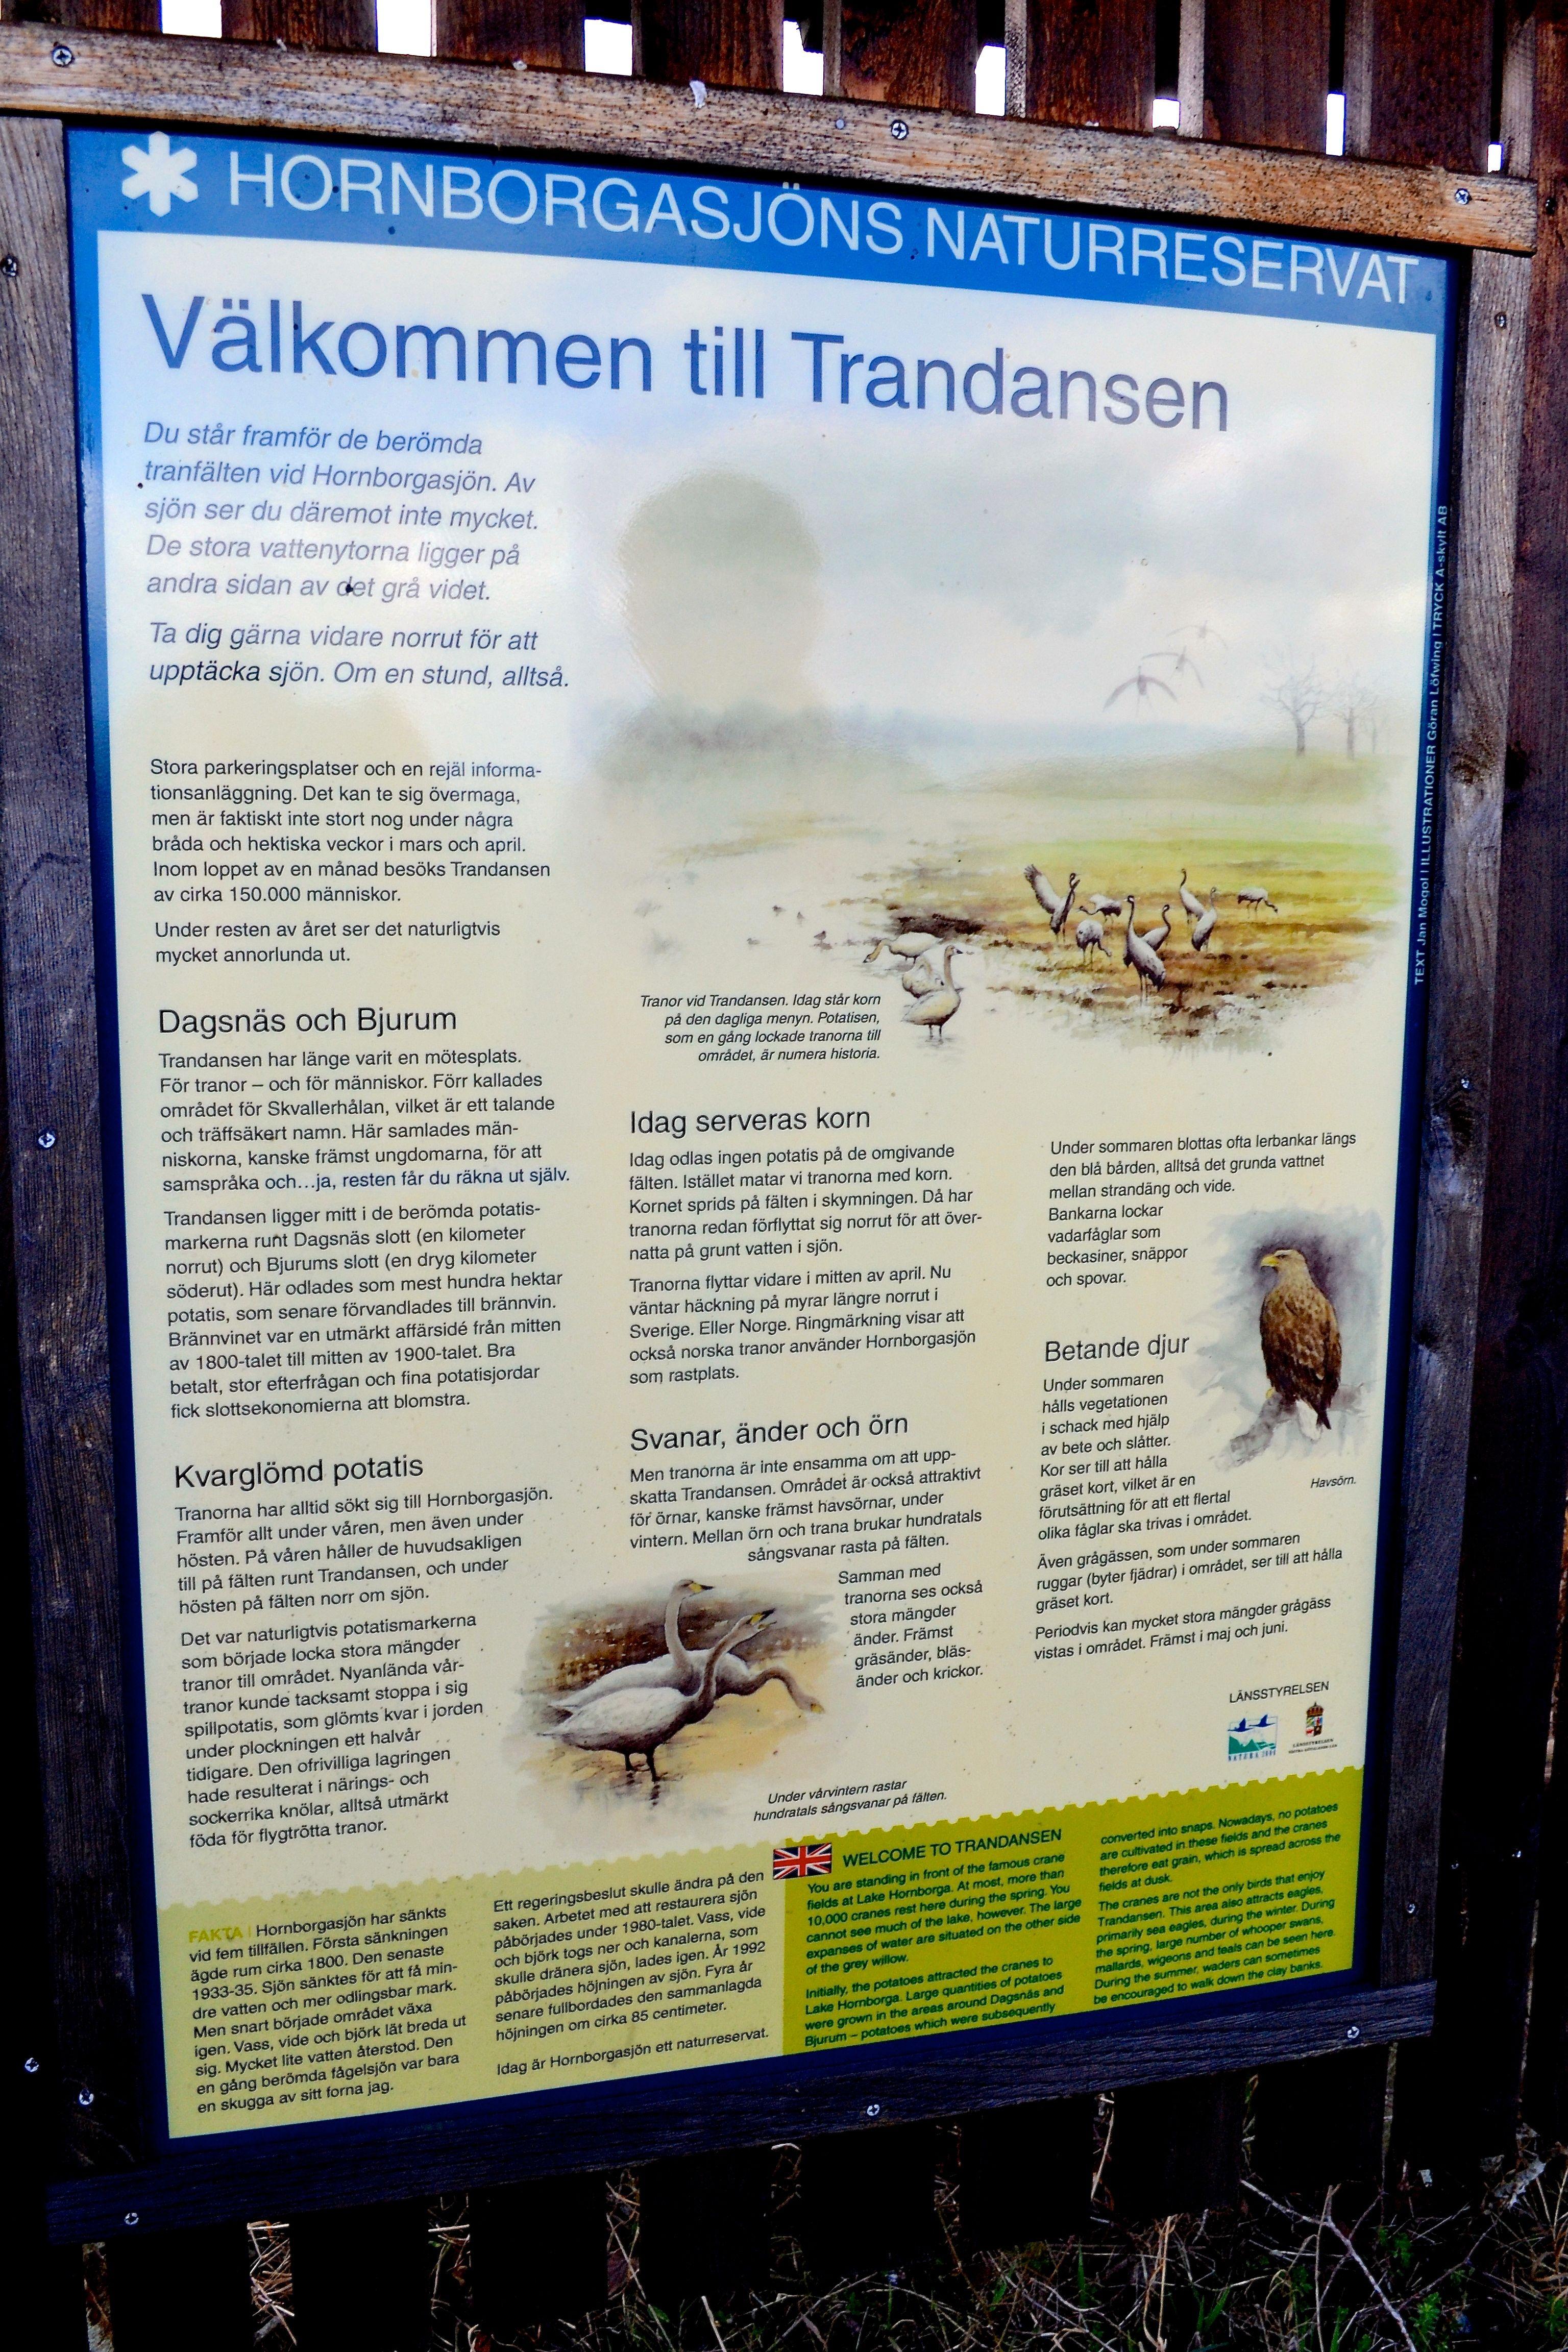 Ls om Hornborgasjn, en av de finaste fgelsjarna i Europa